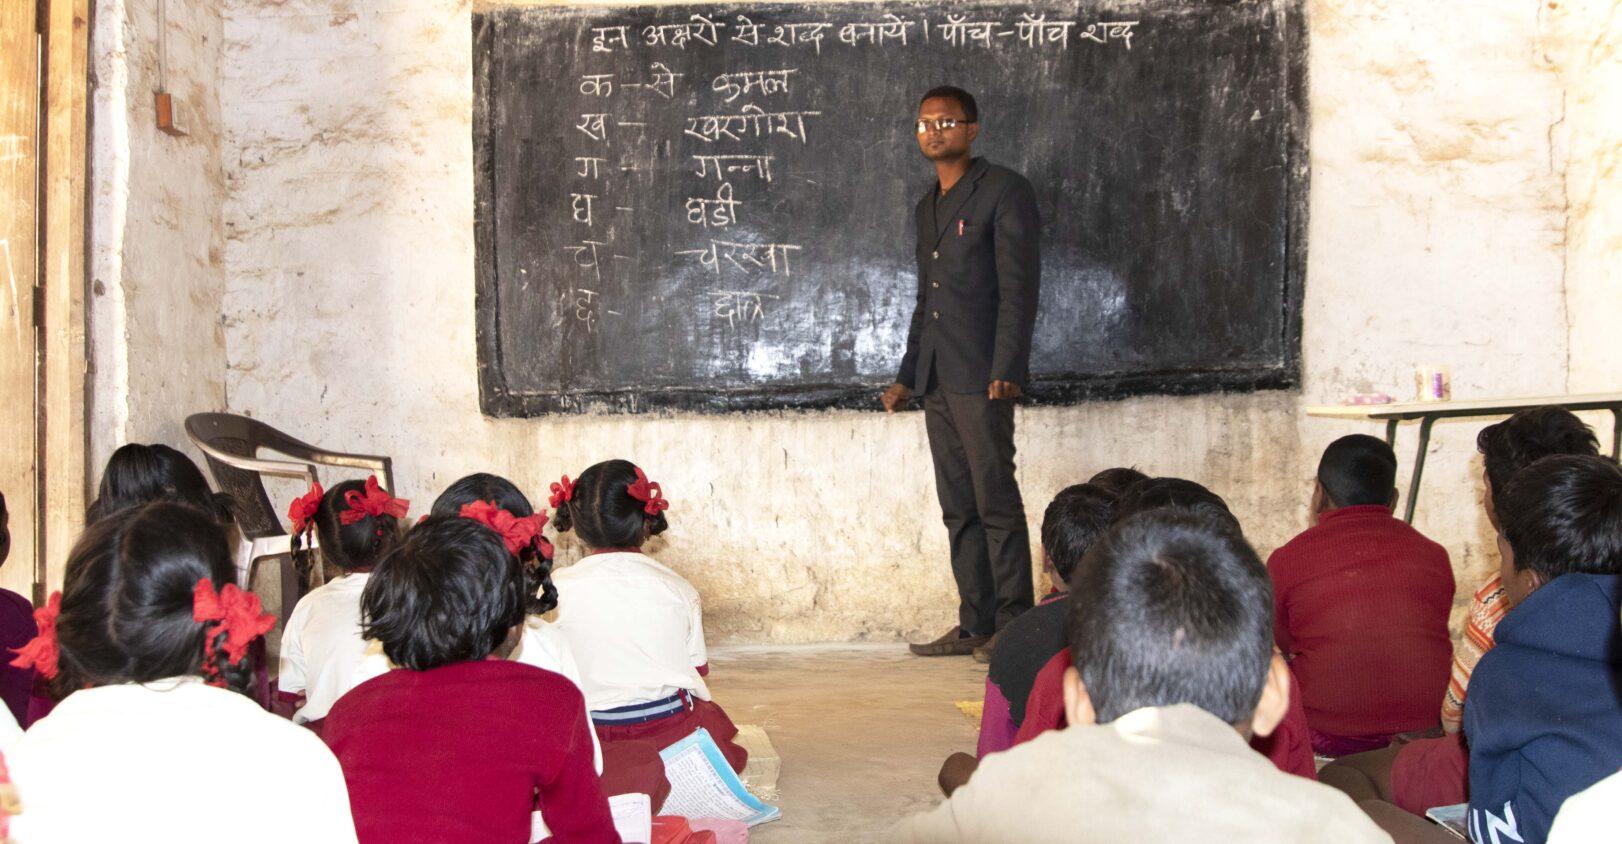 En man står framför svarttavlan och många elever sitter framför tavlan.